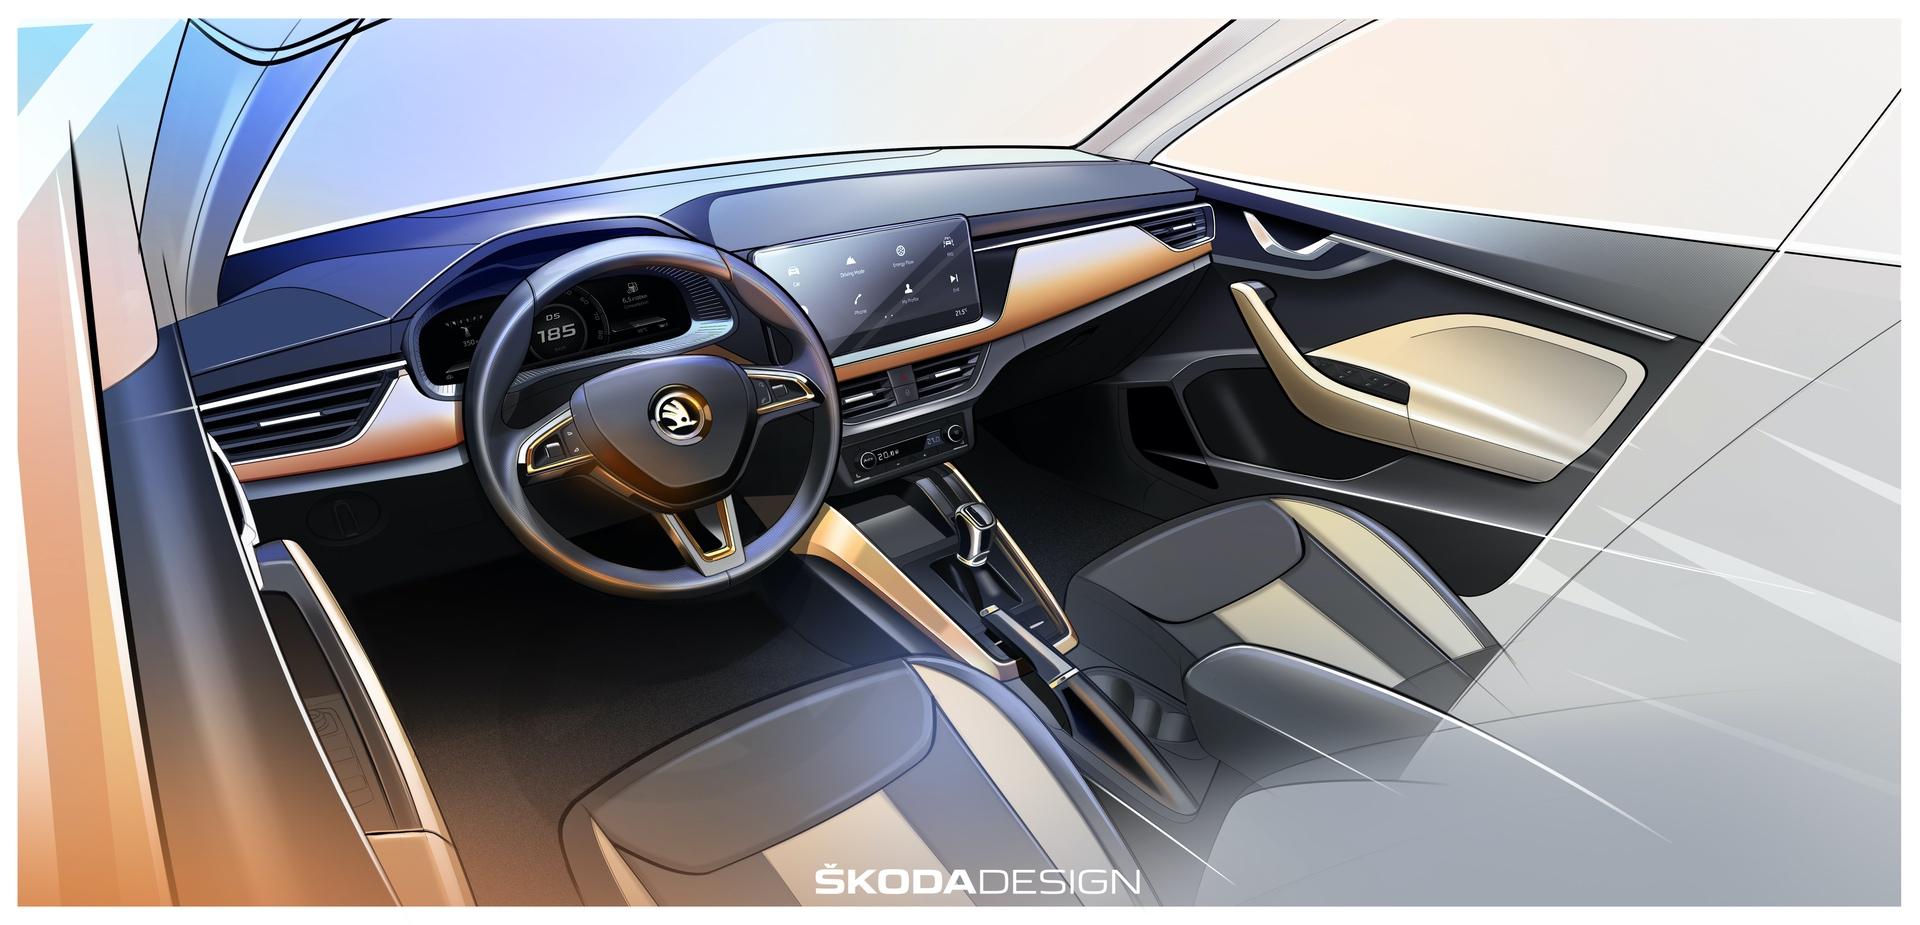 First_drive_Skoda_Scala_0132